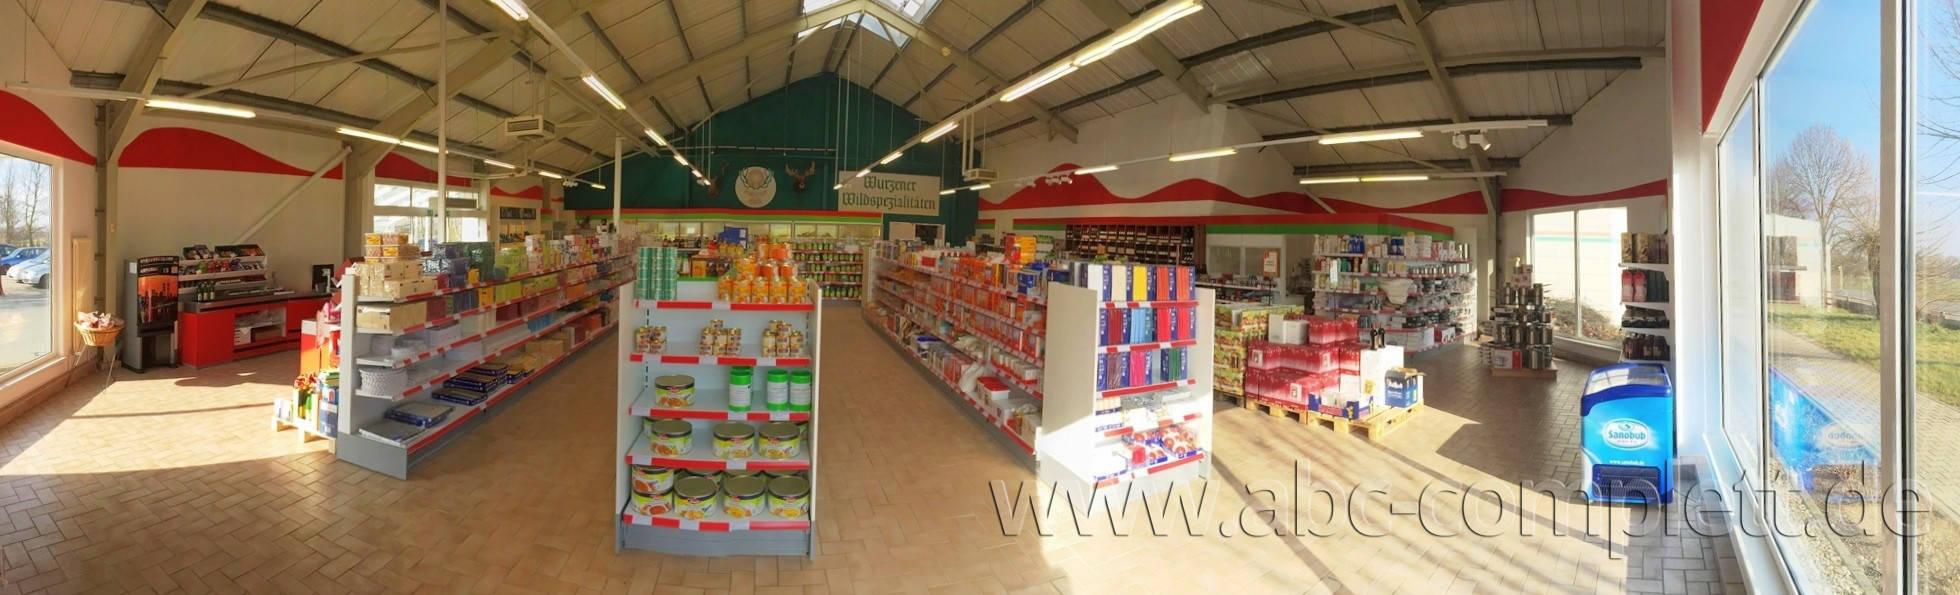 Ansicht des Geschäfts: Servicebund Wurzen, Groß- und Einzelhandel, Altenbach, Foto 1